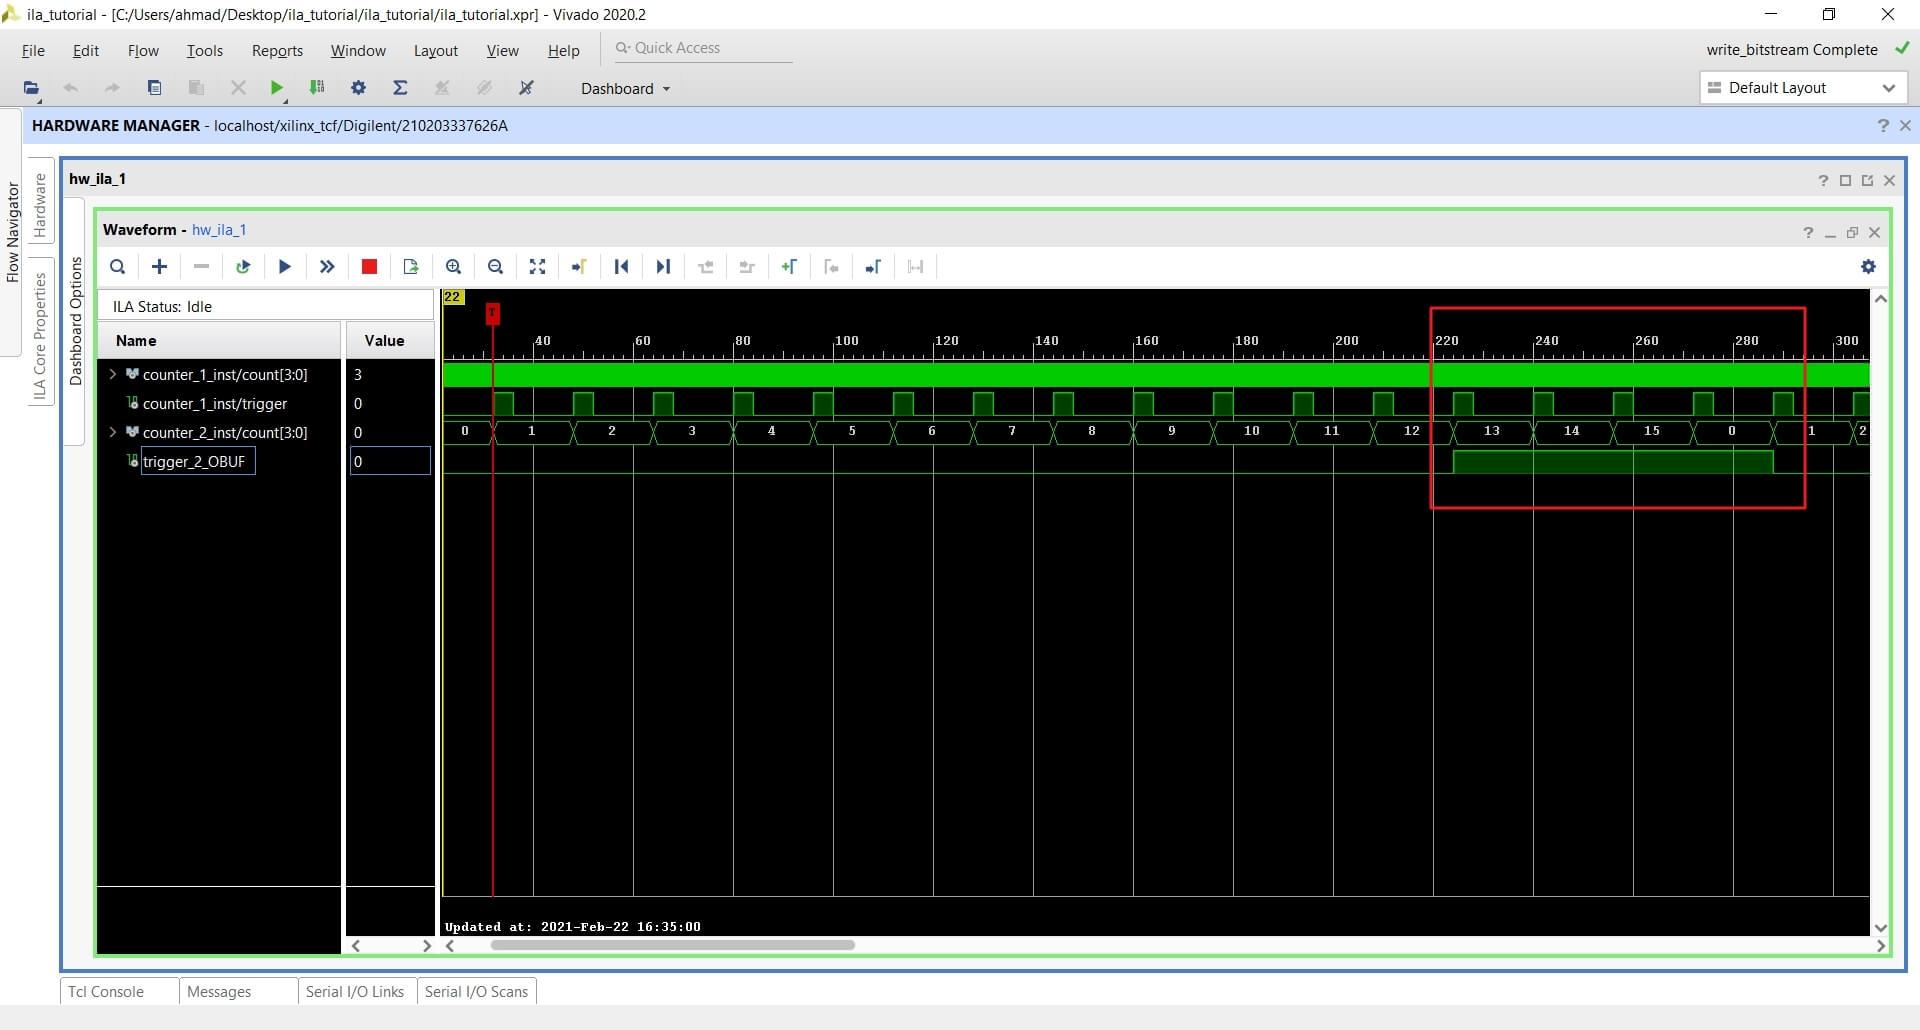 Vivado waveform showing recorded ILA data